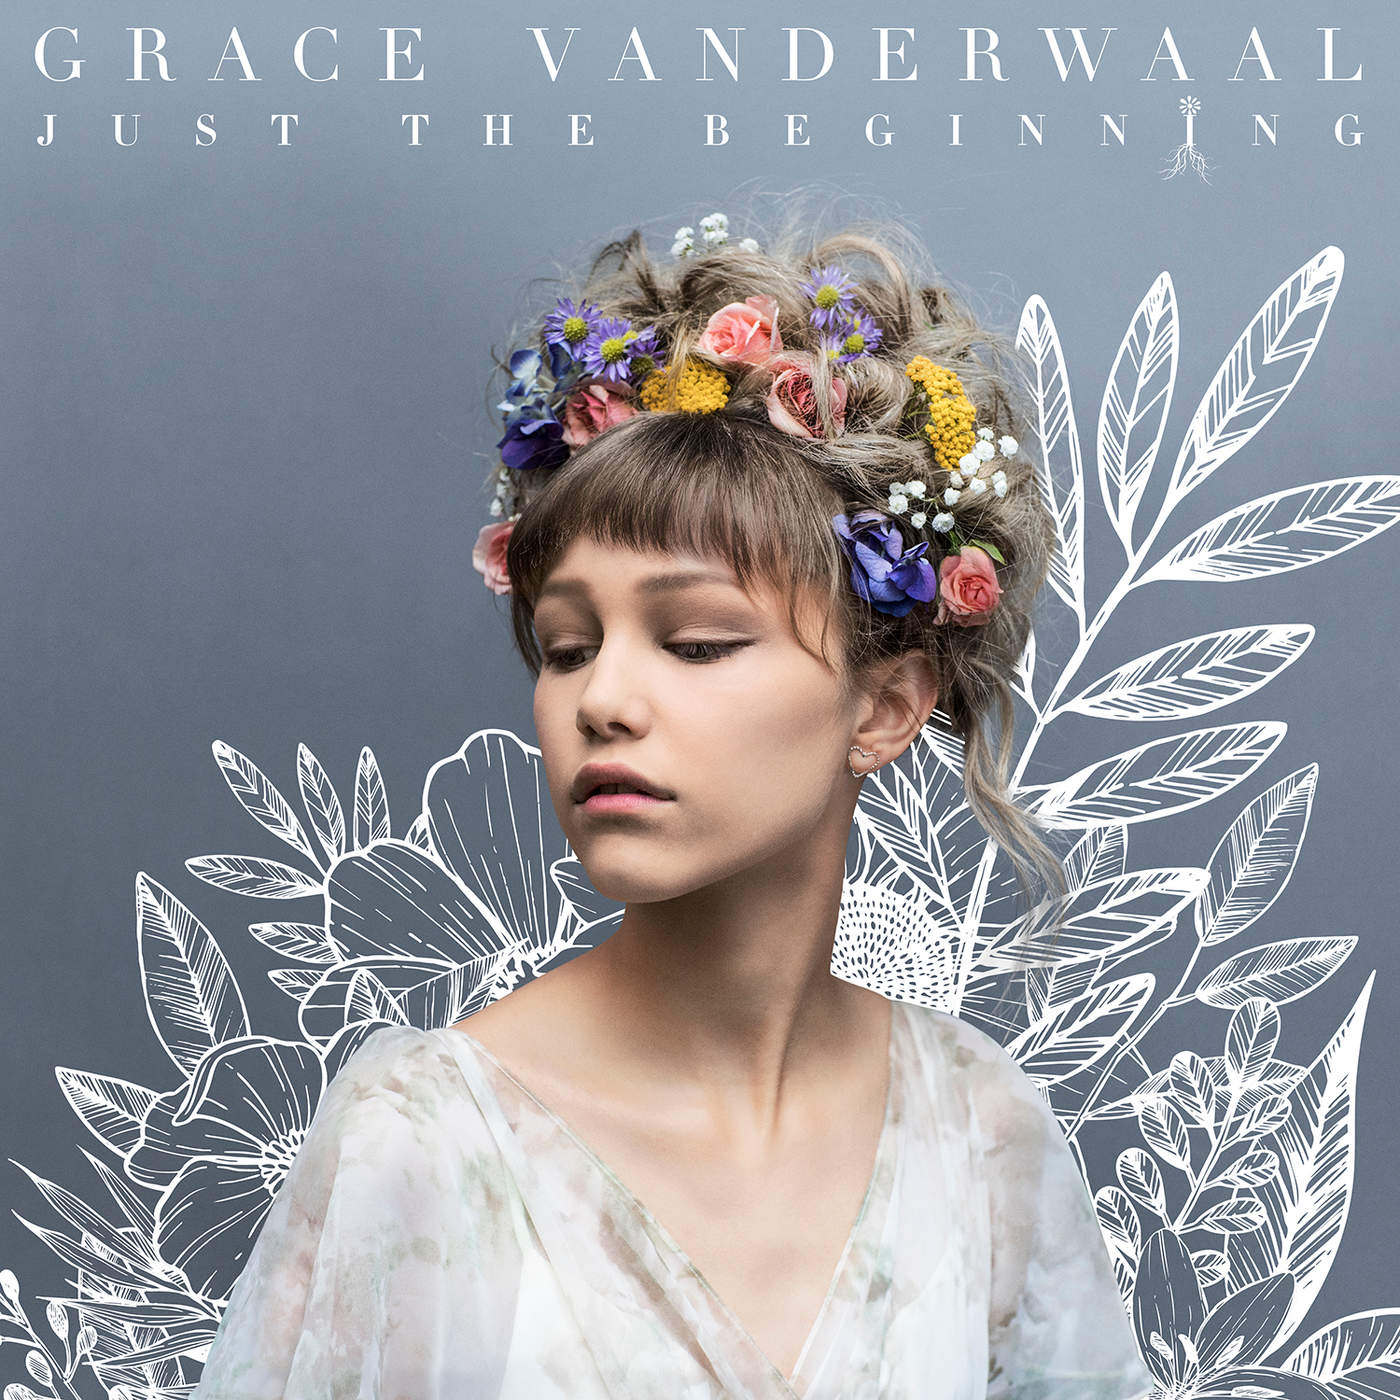 Grace VanderWaal - Just the Beginning